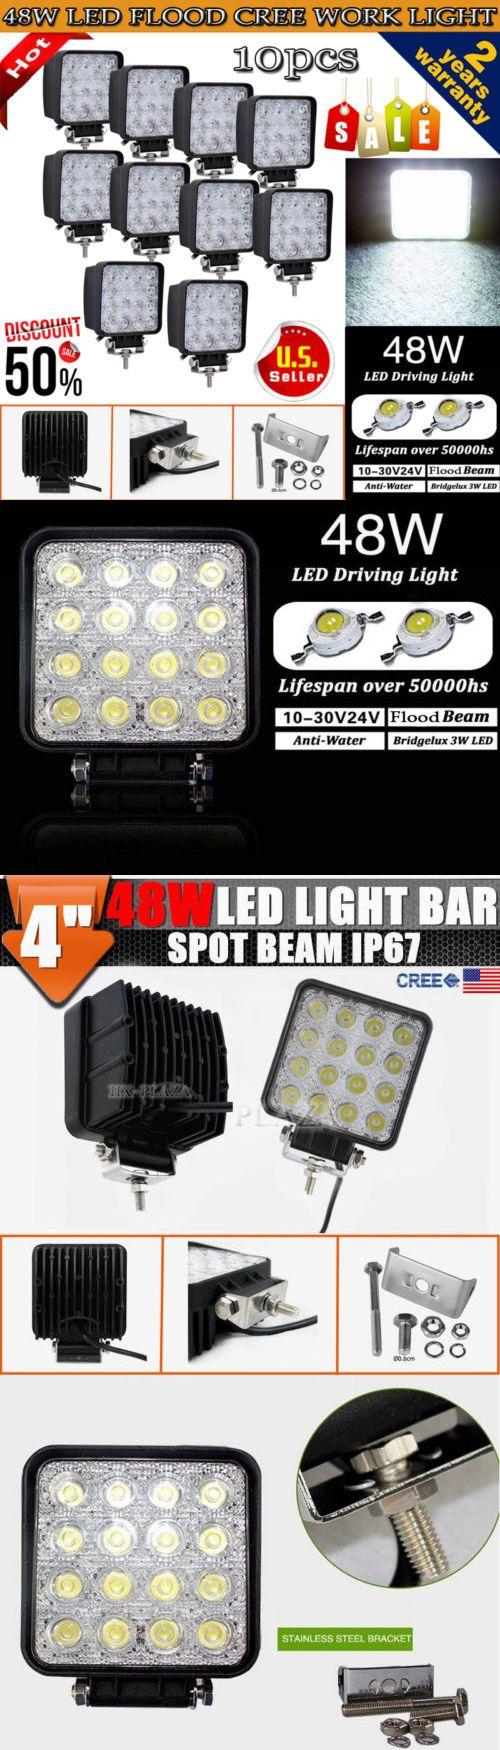 Car Lighting: 10Pcs 48W Cree Led Work Light Bar Flood Beam Lamp Offroad Truck 12V Suv Ute Atv -> BUY IT NOW ONLY: $73.13 on eBay!